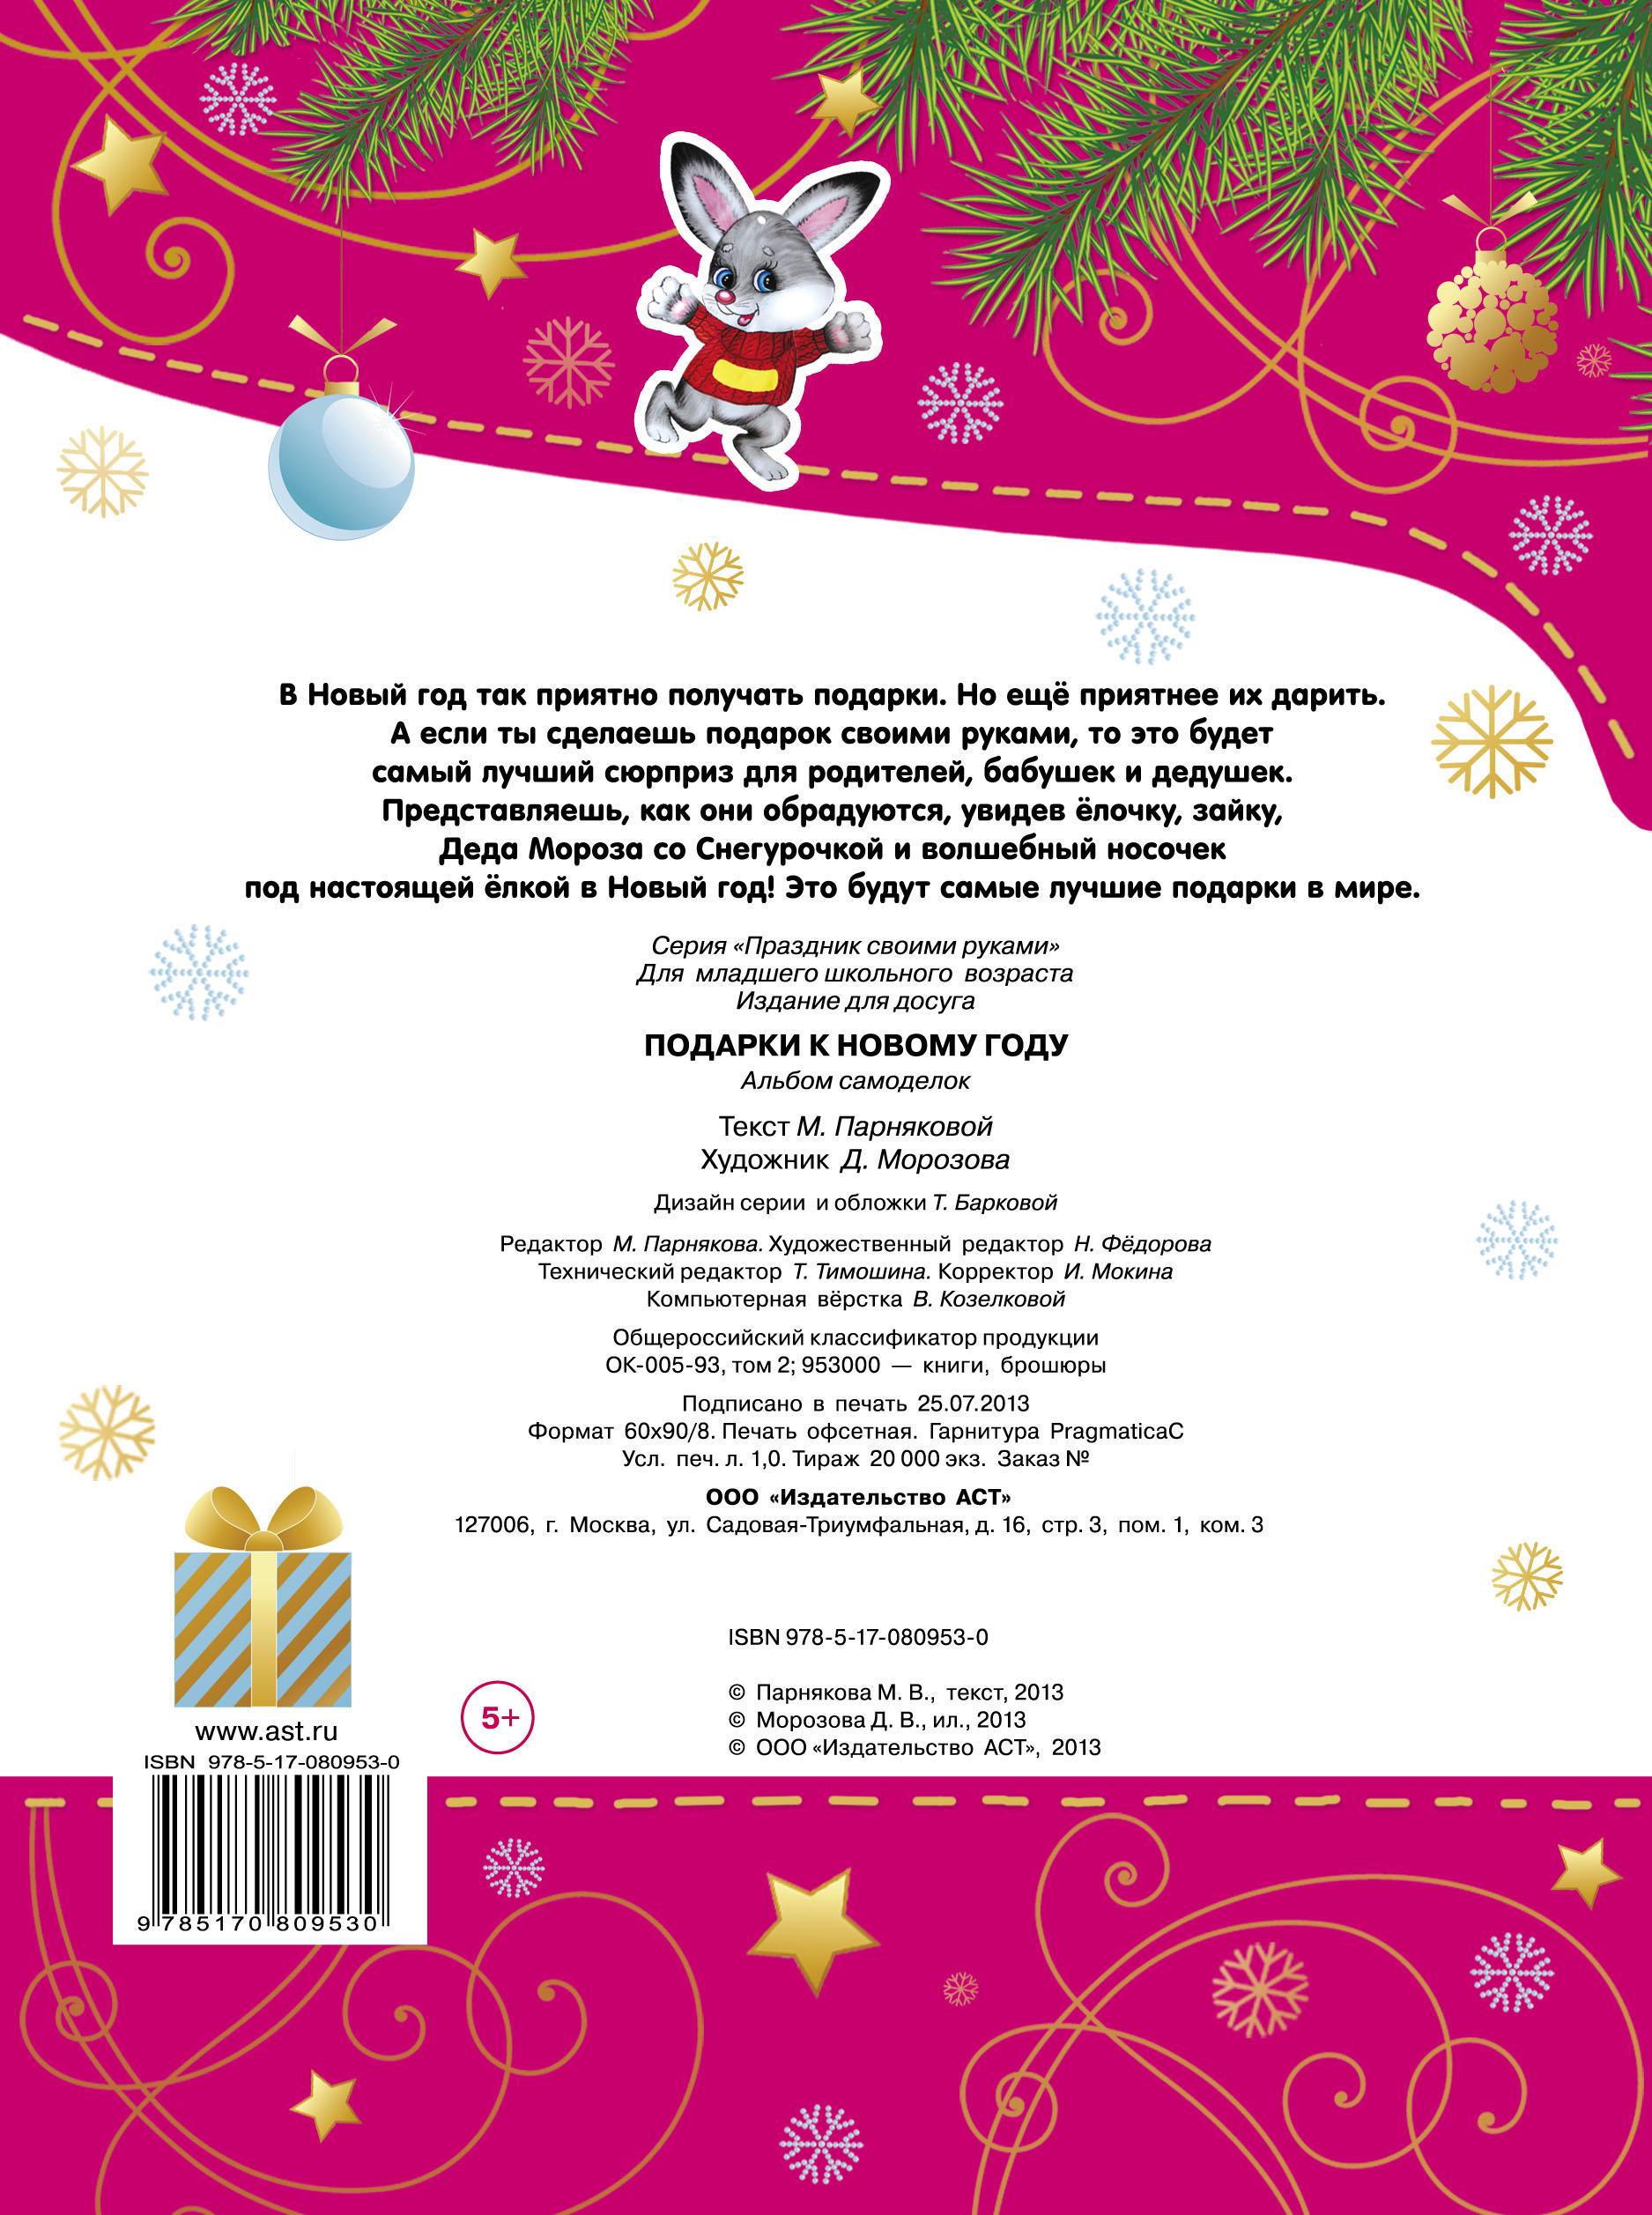 Подарки к Новому году. Альбом самоделок